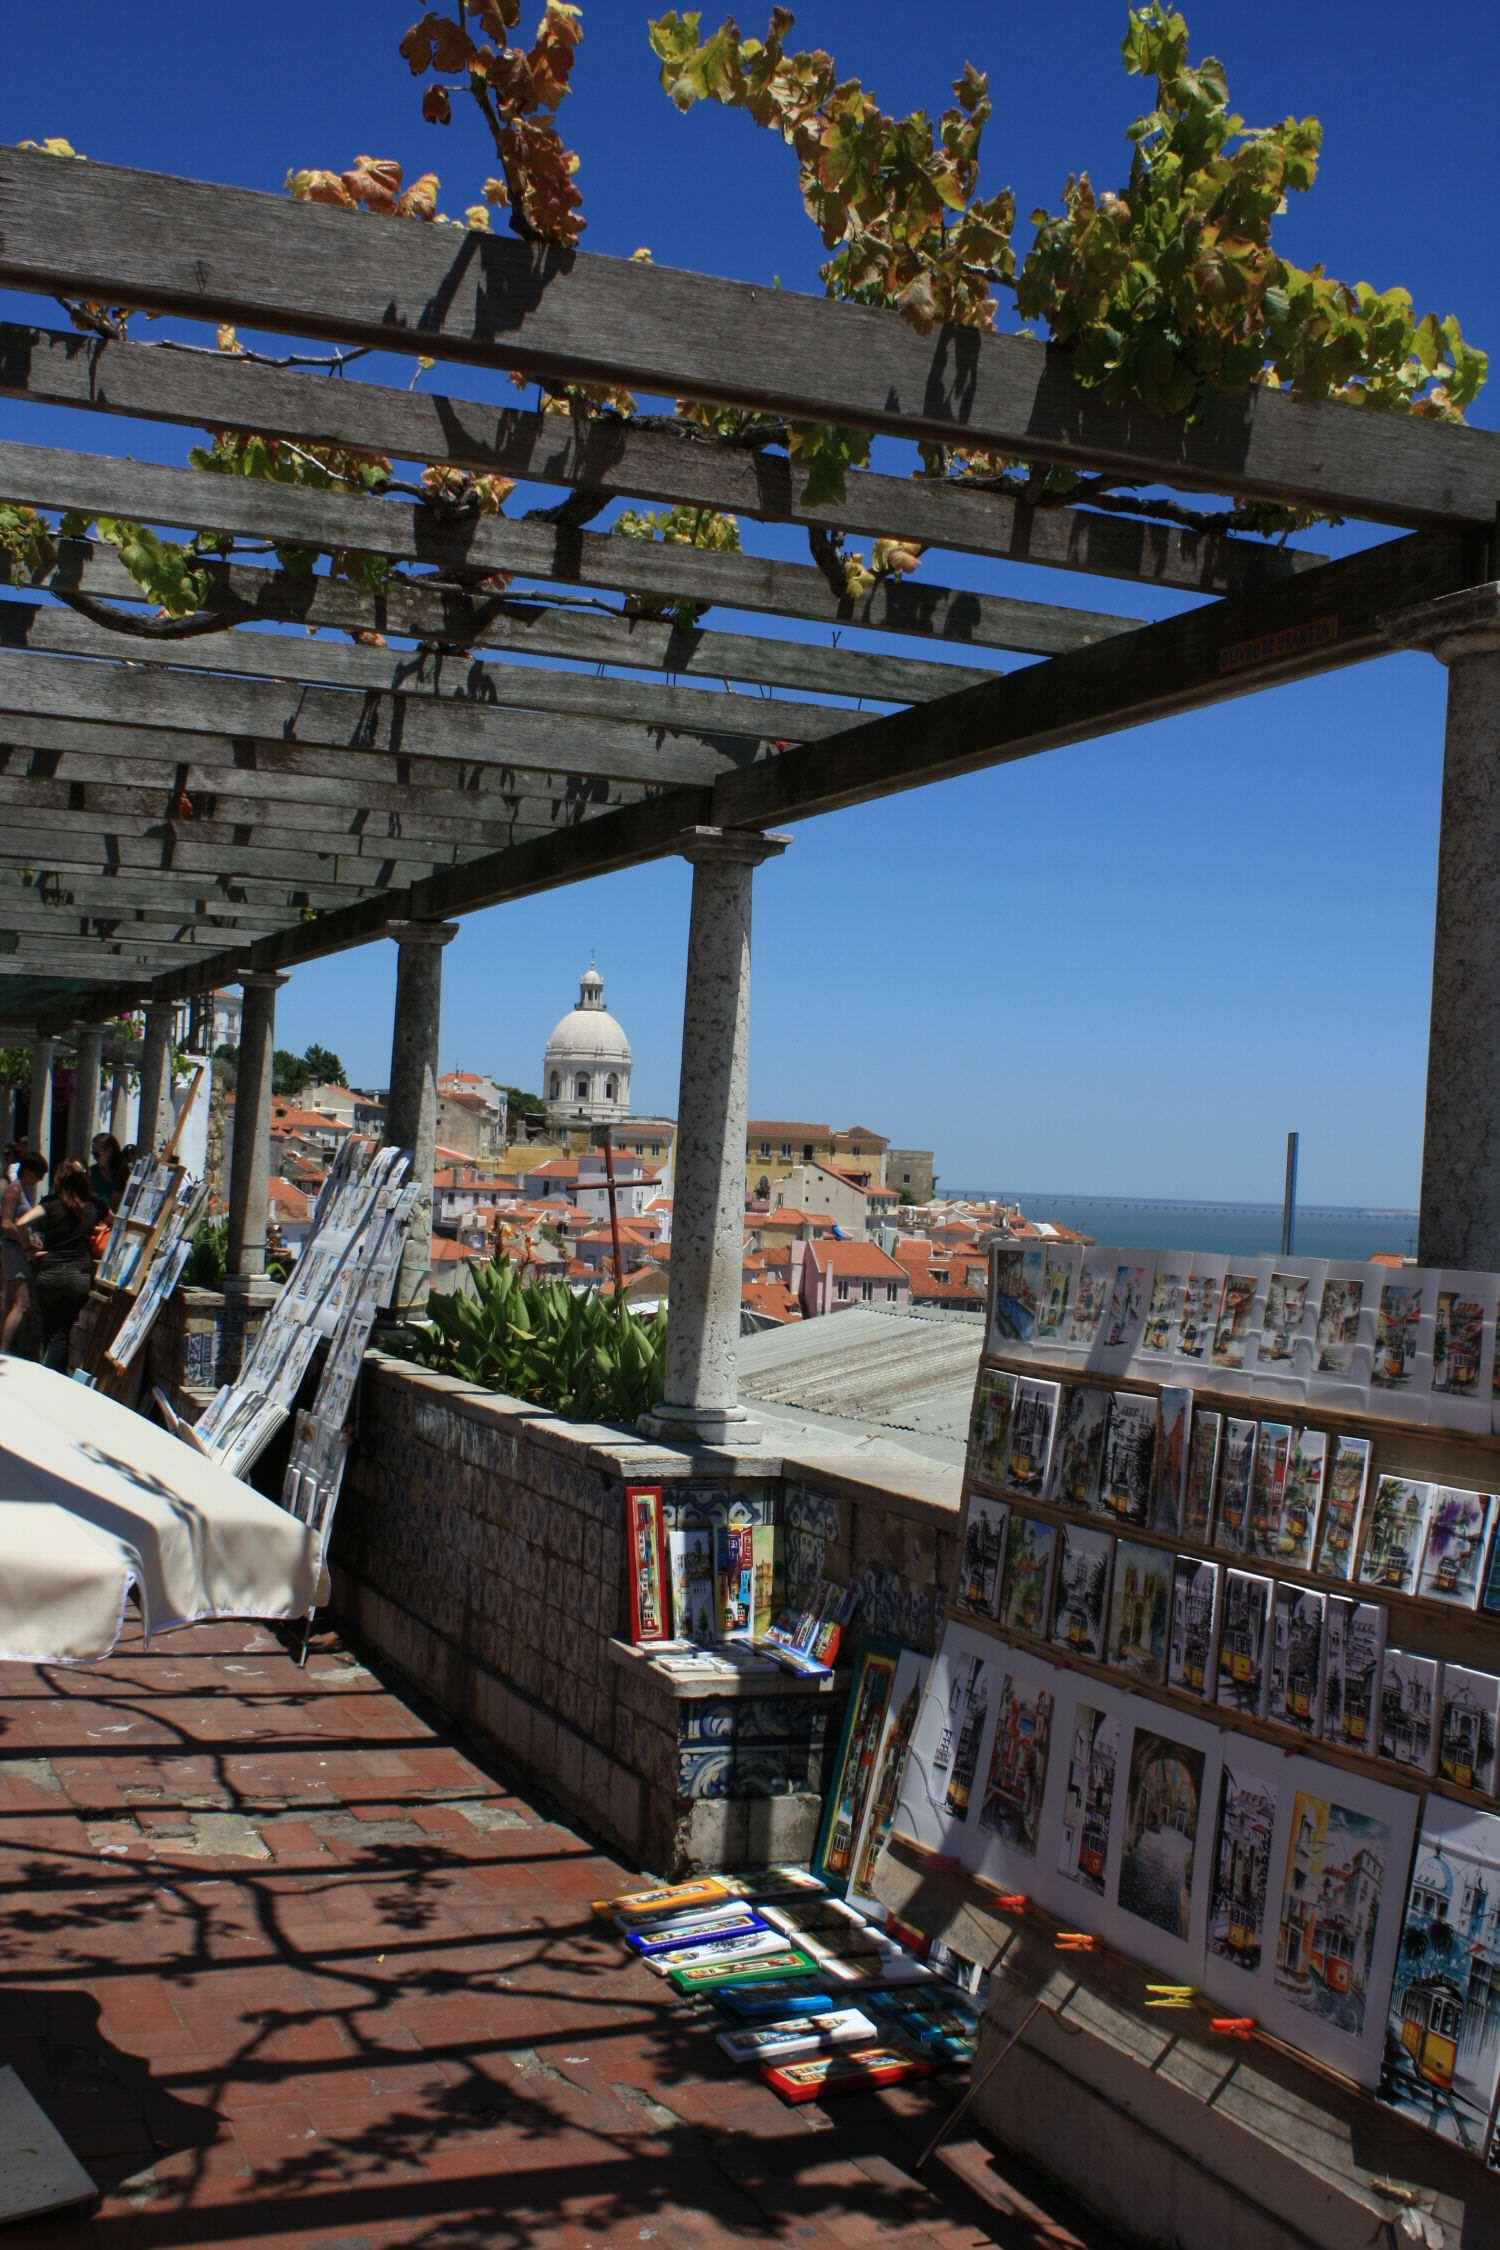 Lissabon Tipps: Miradouro de Santa Luzia Blick auf das Meer von der Terrasse aus